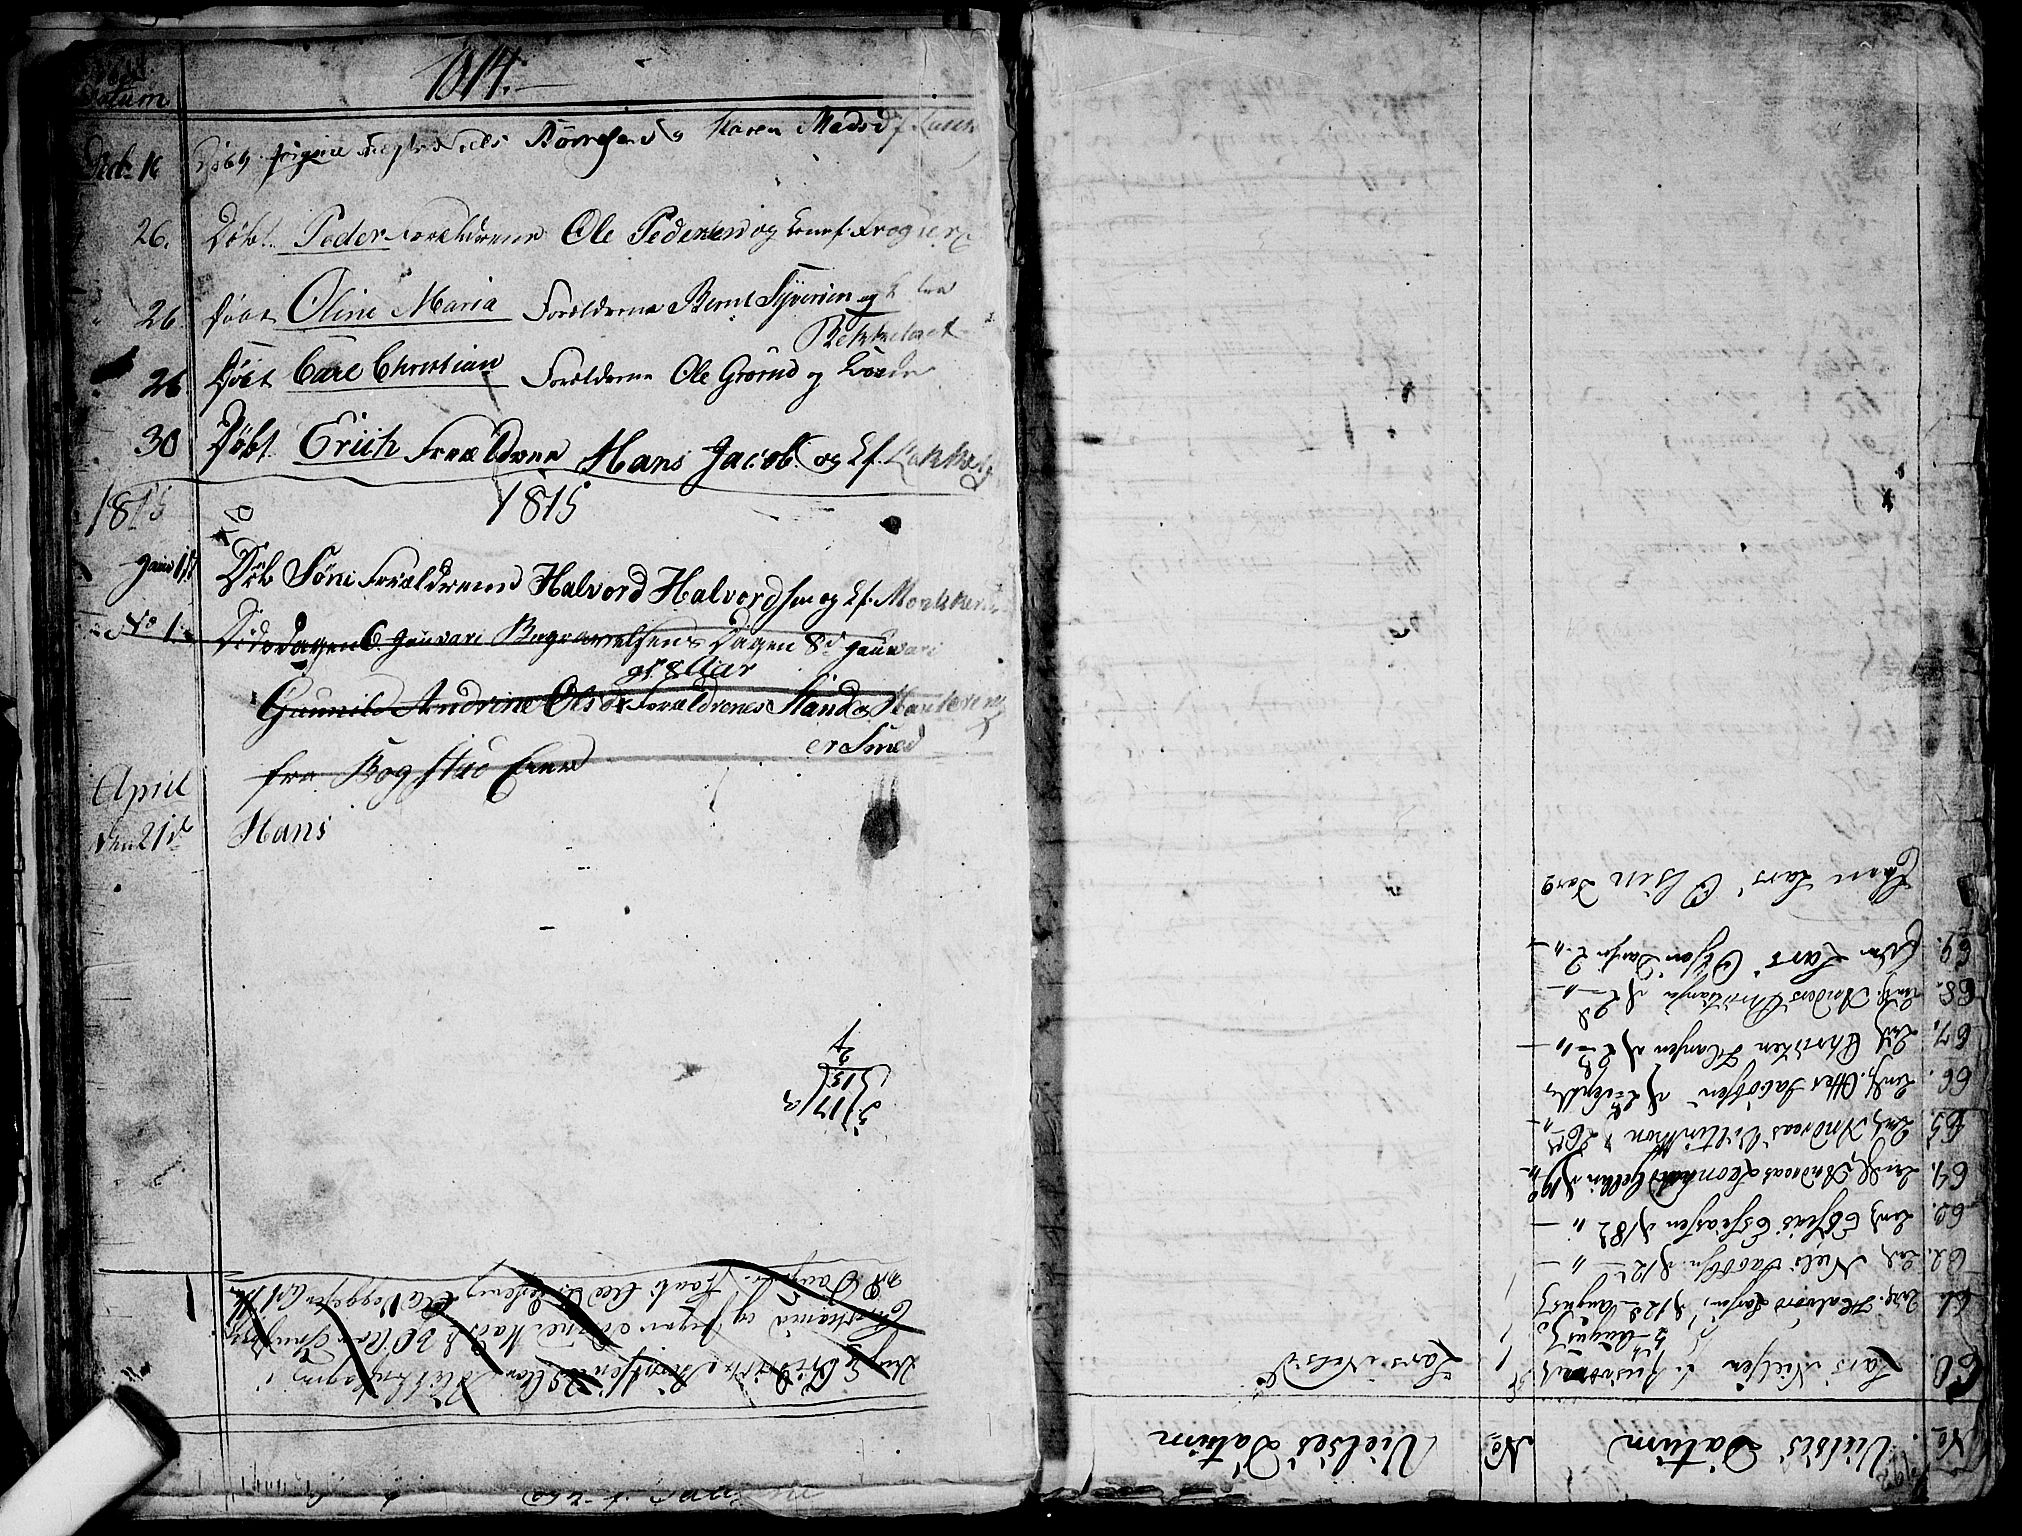 SAO, Aker prestekontor kirkebøker, G/L0001: Klokkerbok nr. 1, 1796-1826, s. 64-65